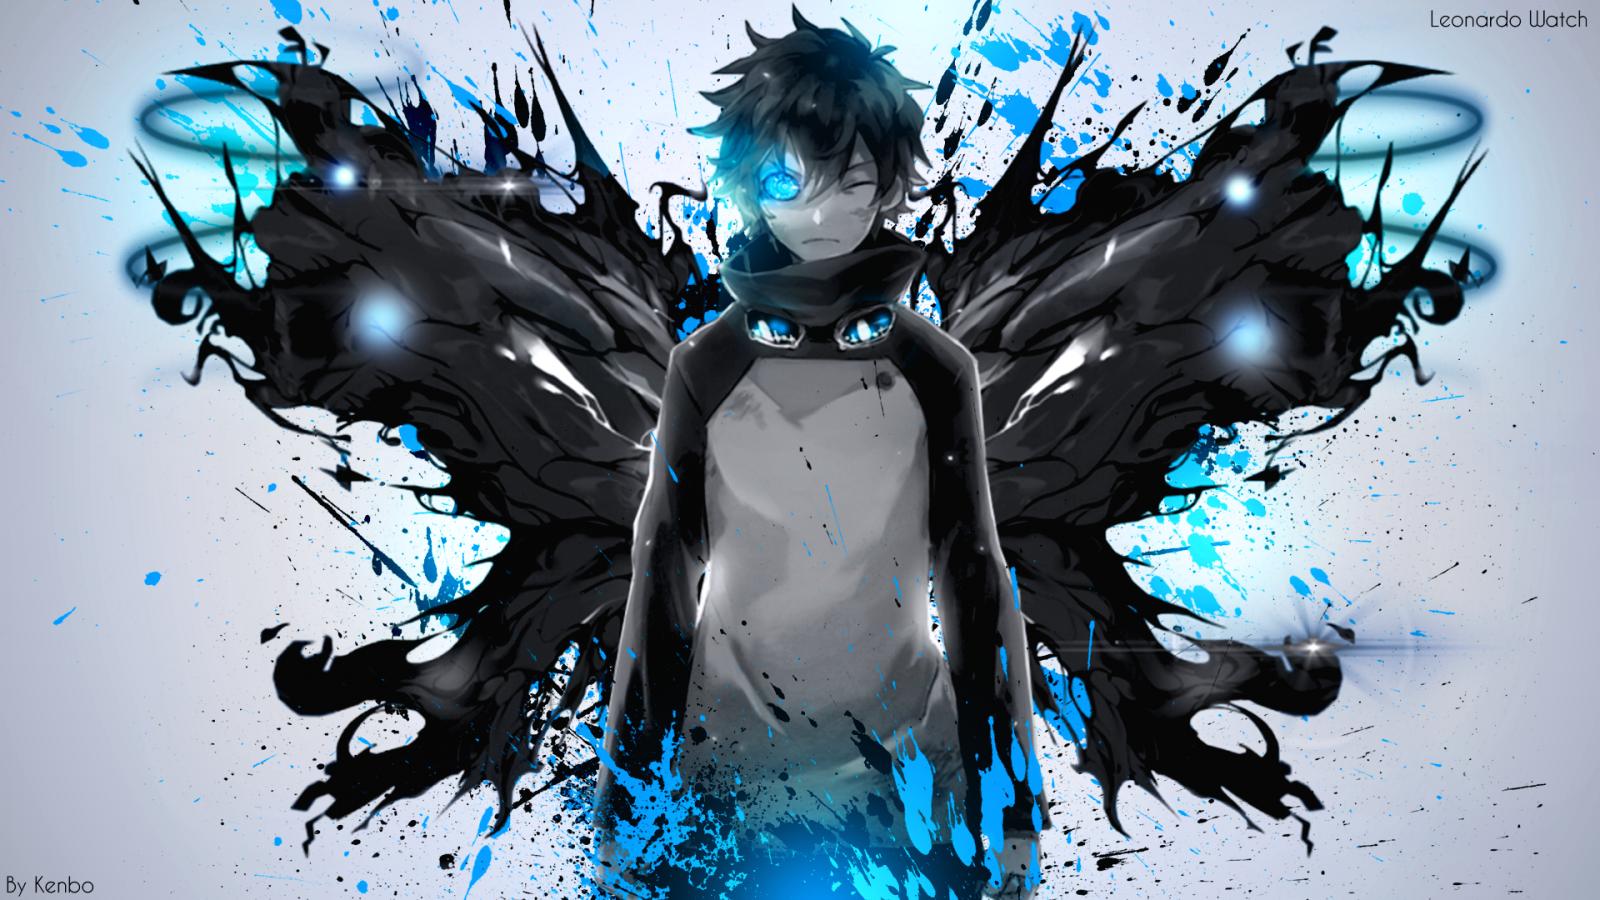 Wallpaper : Kekkai Sensen, anime boys, blue, Leonardo ...